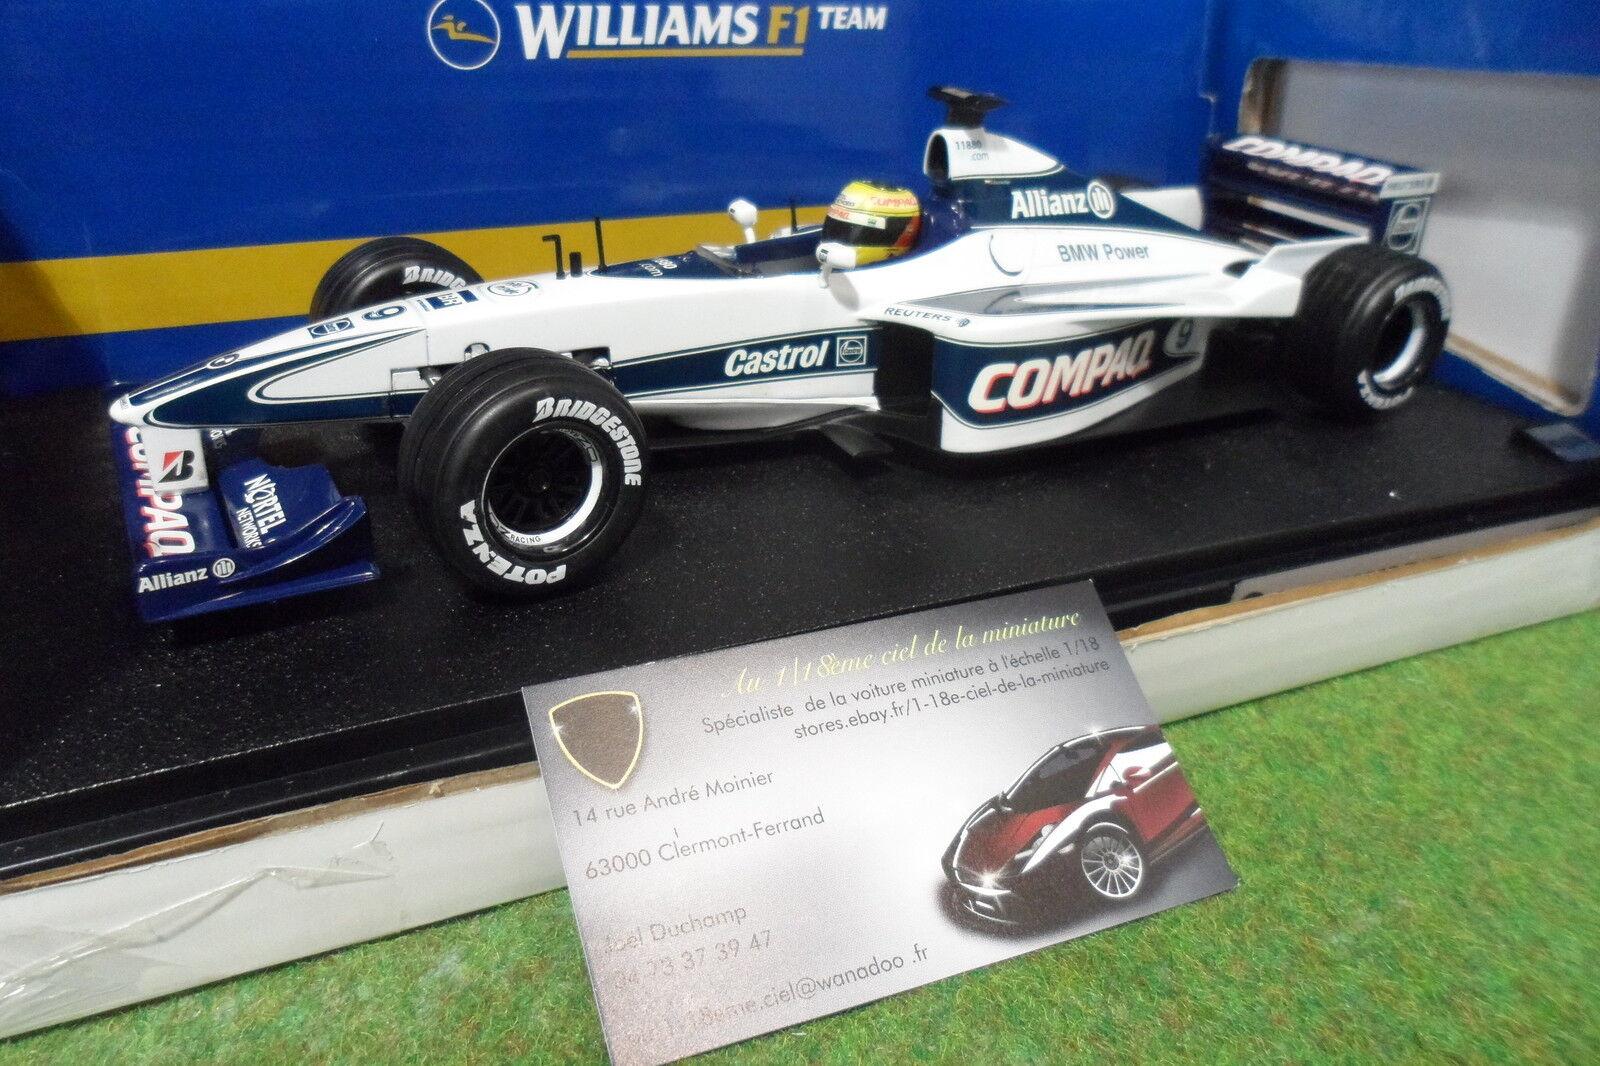 buena reputación F1 F1 F1  WILLIAMS BMW FW22  SCHUMACHER 1 18 HOT WHEELS MATTEL 26735 formule 1 voiture  la calidad primero los consumidores primero